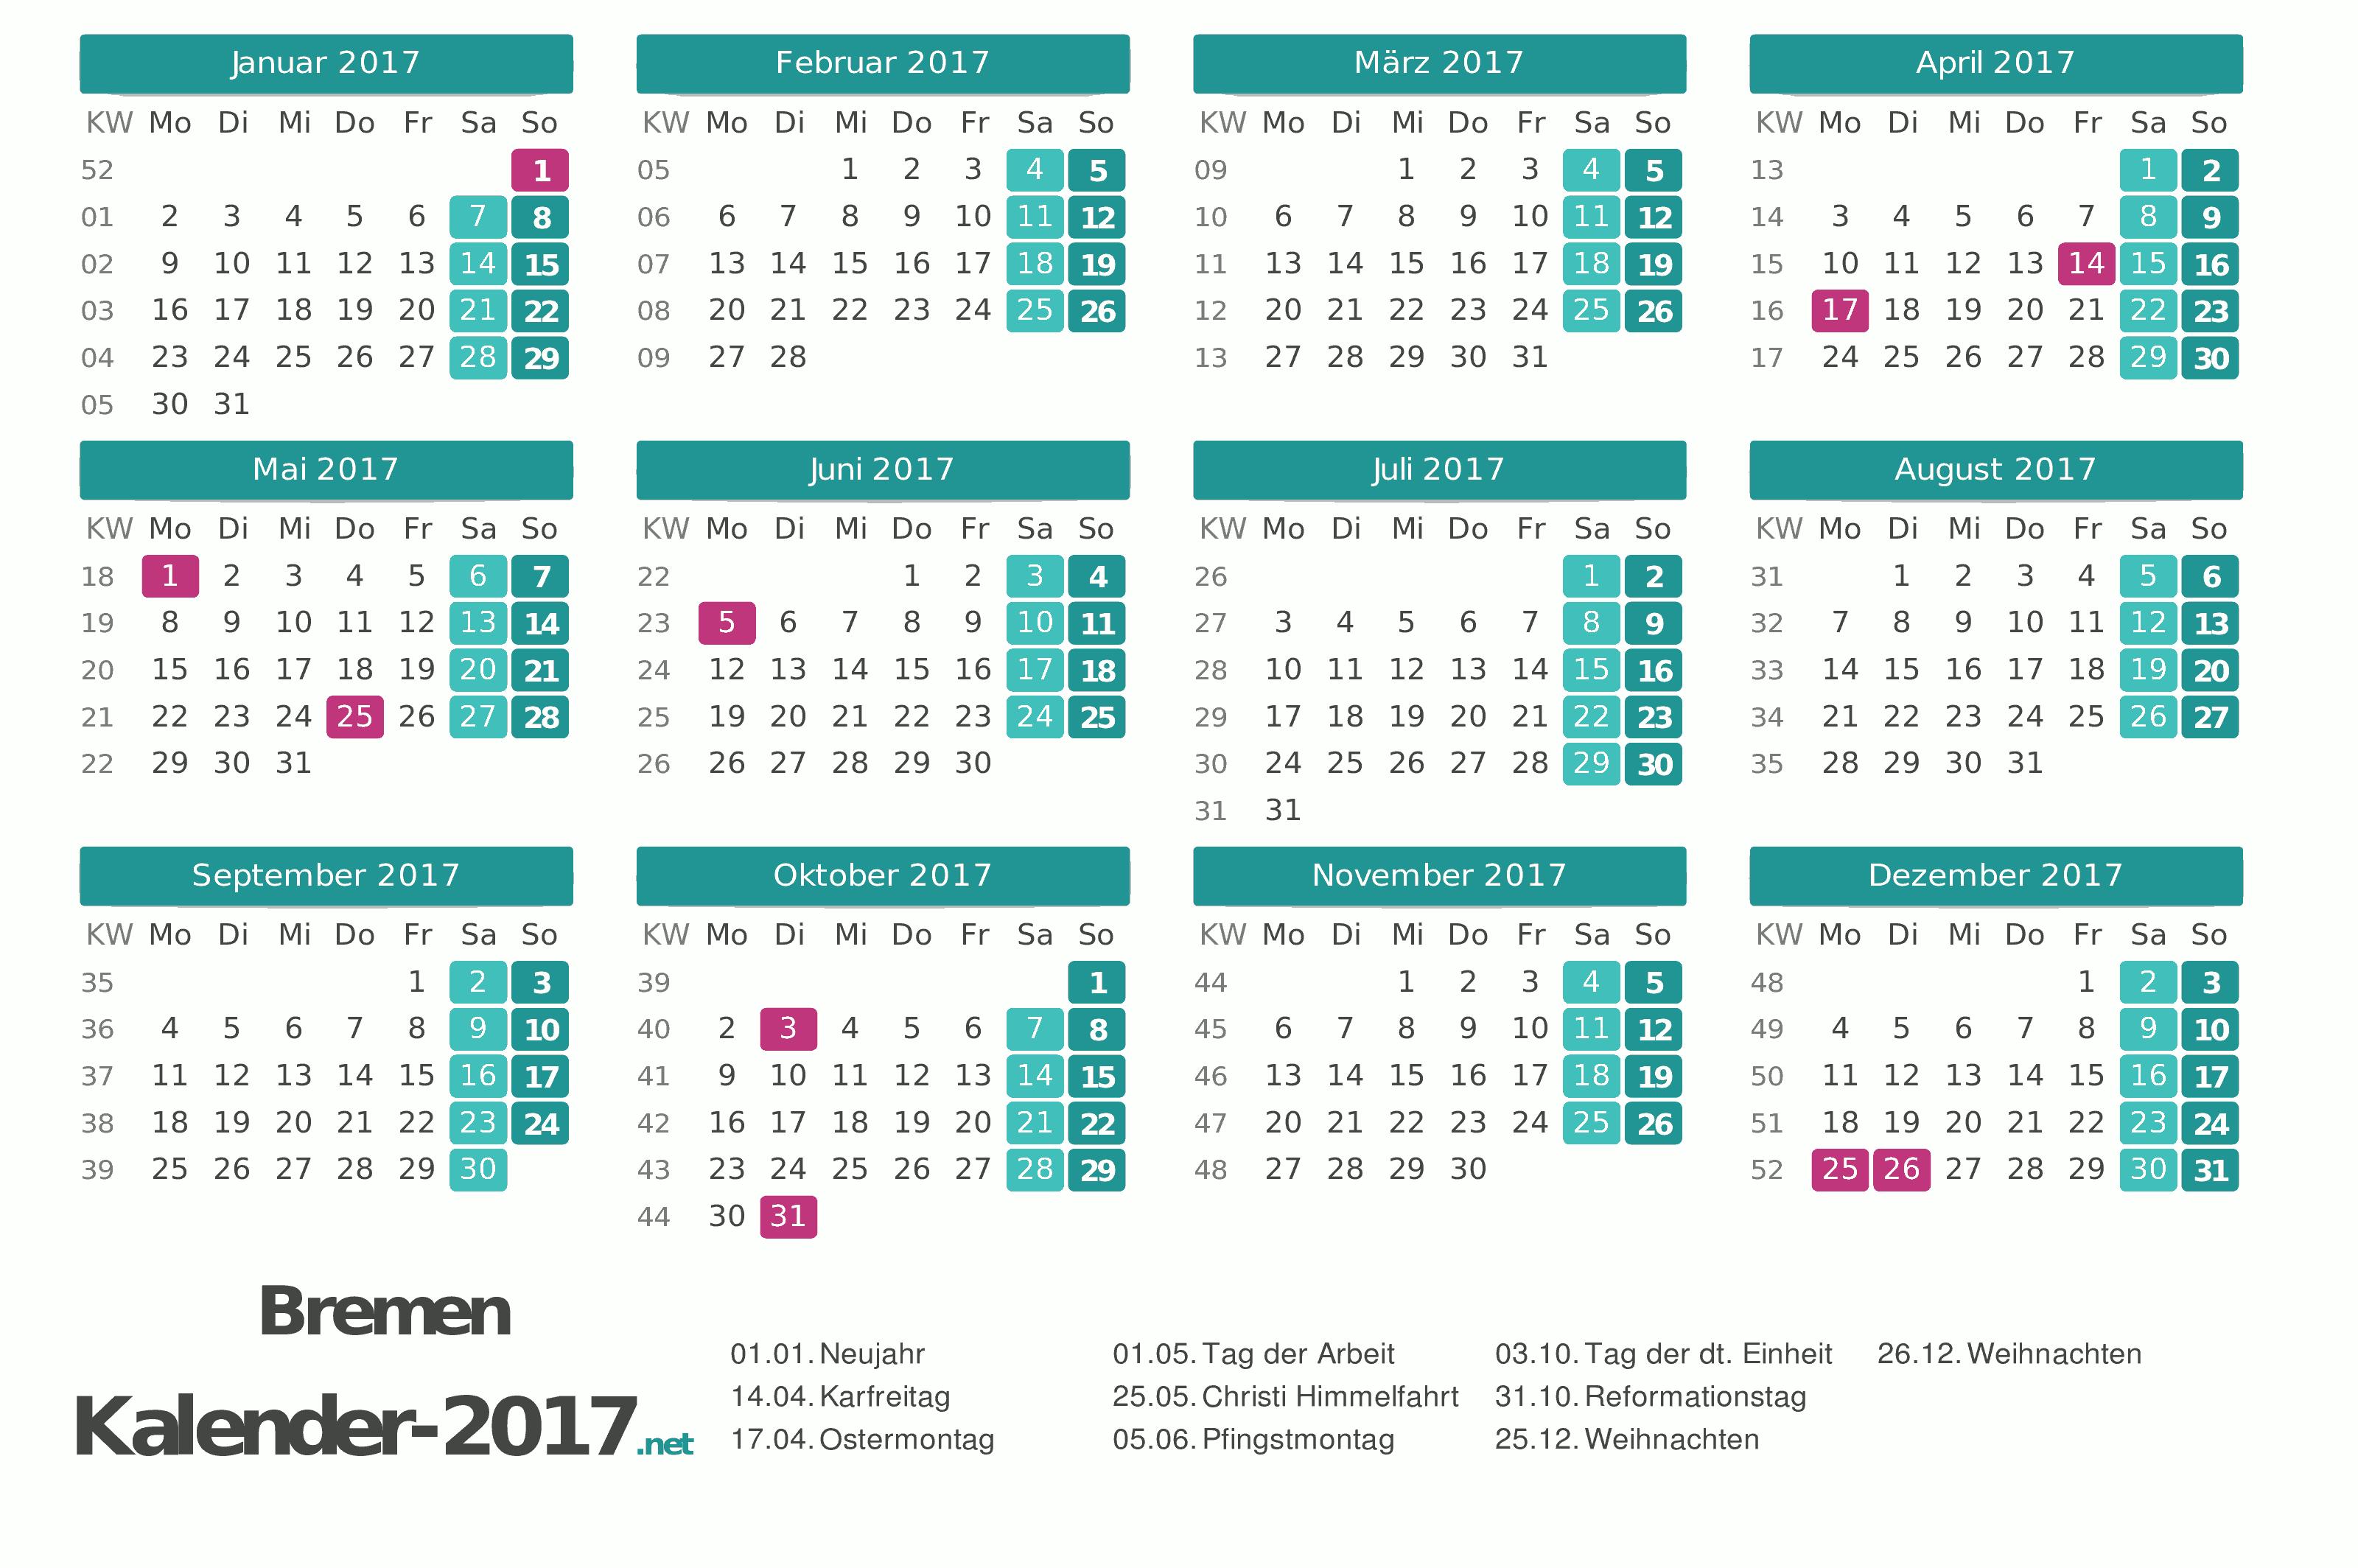 Kalender 2017 für Bremen http://www.kalender-2017.net/feiertage-bremen/